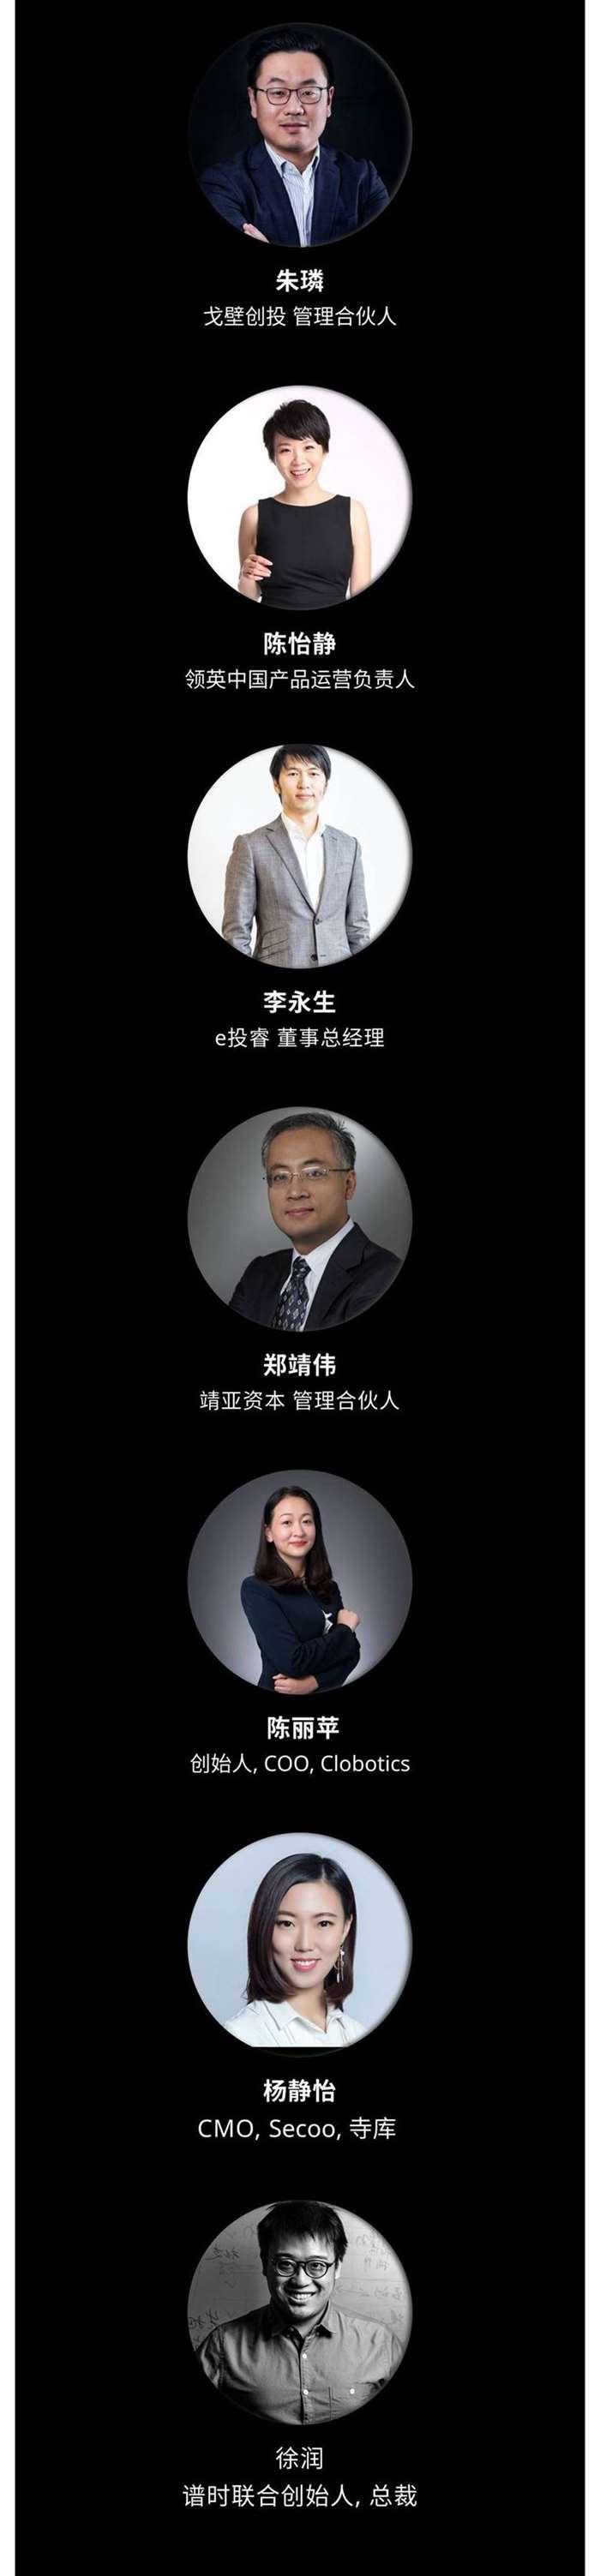 Speakers+6.png